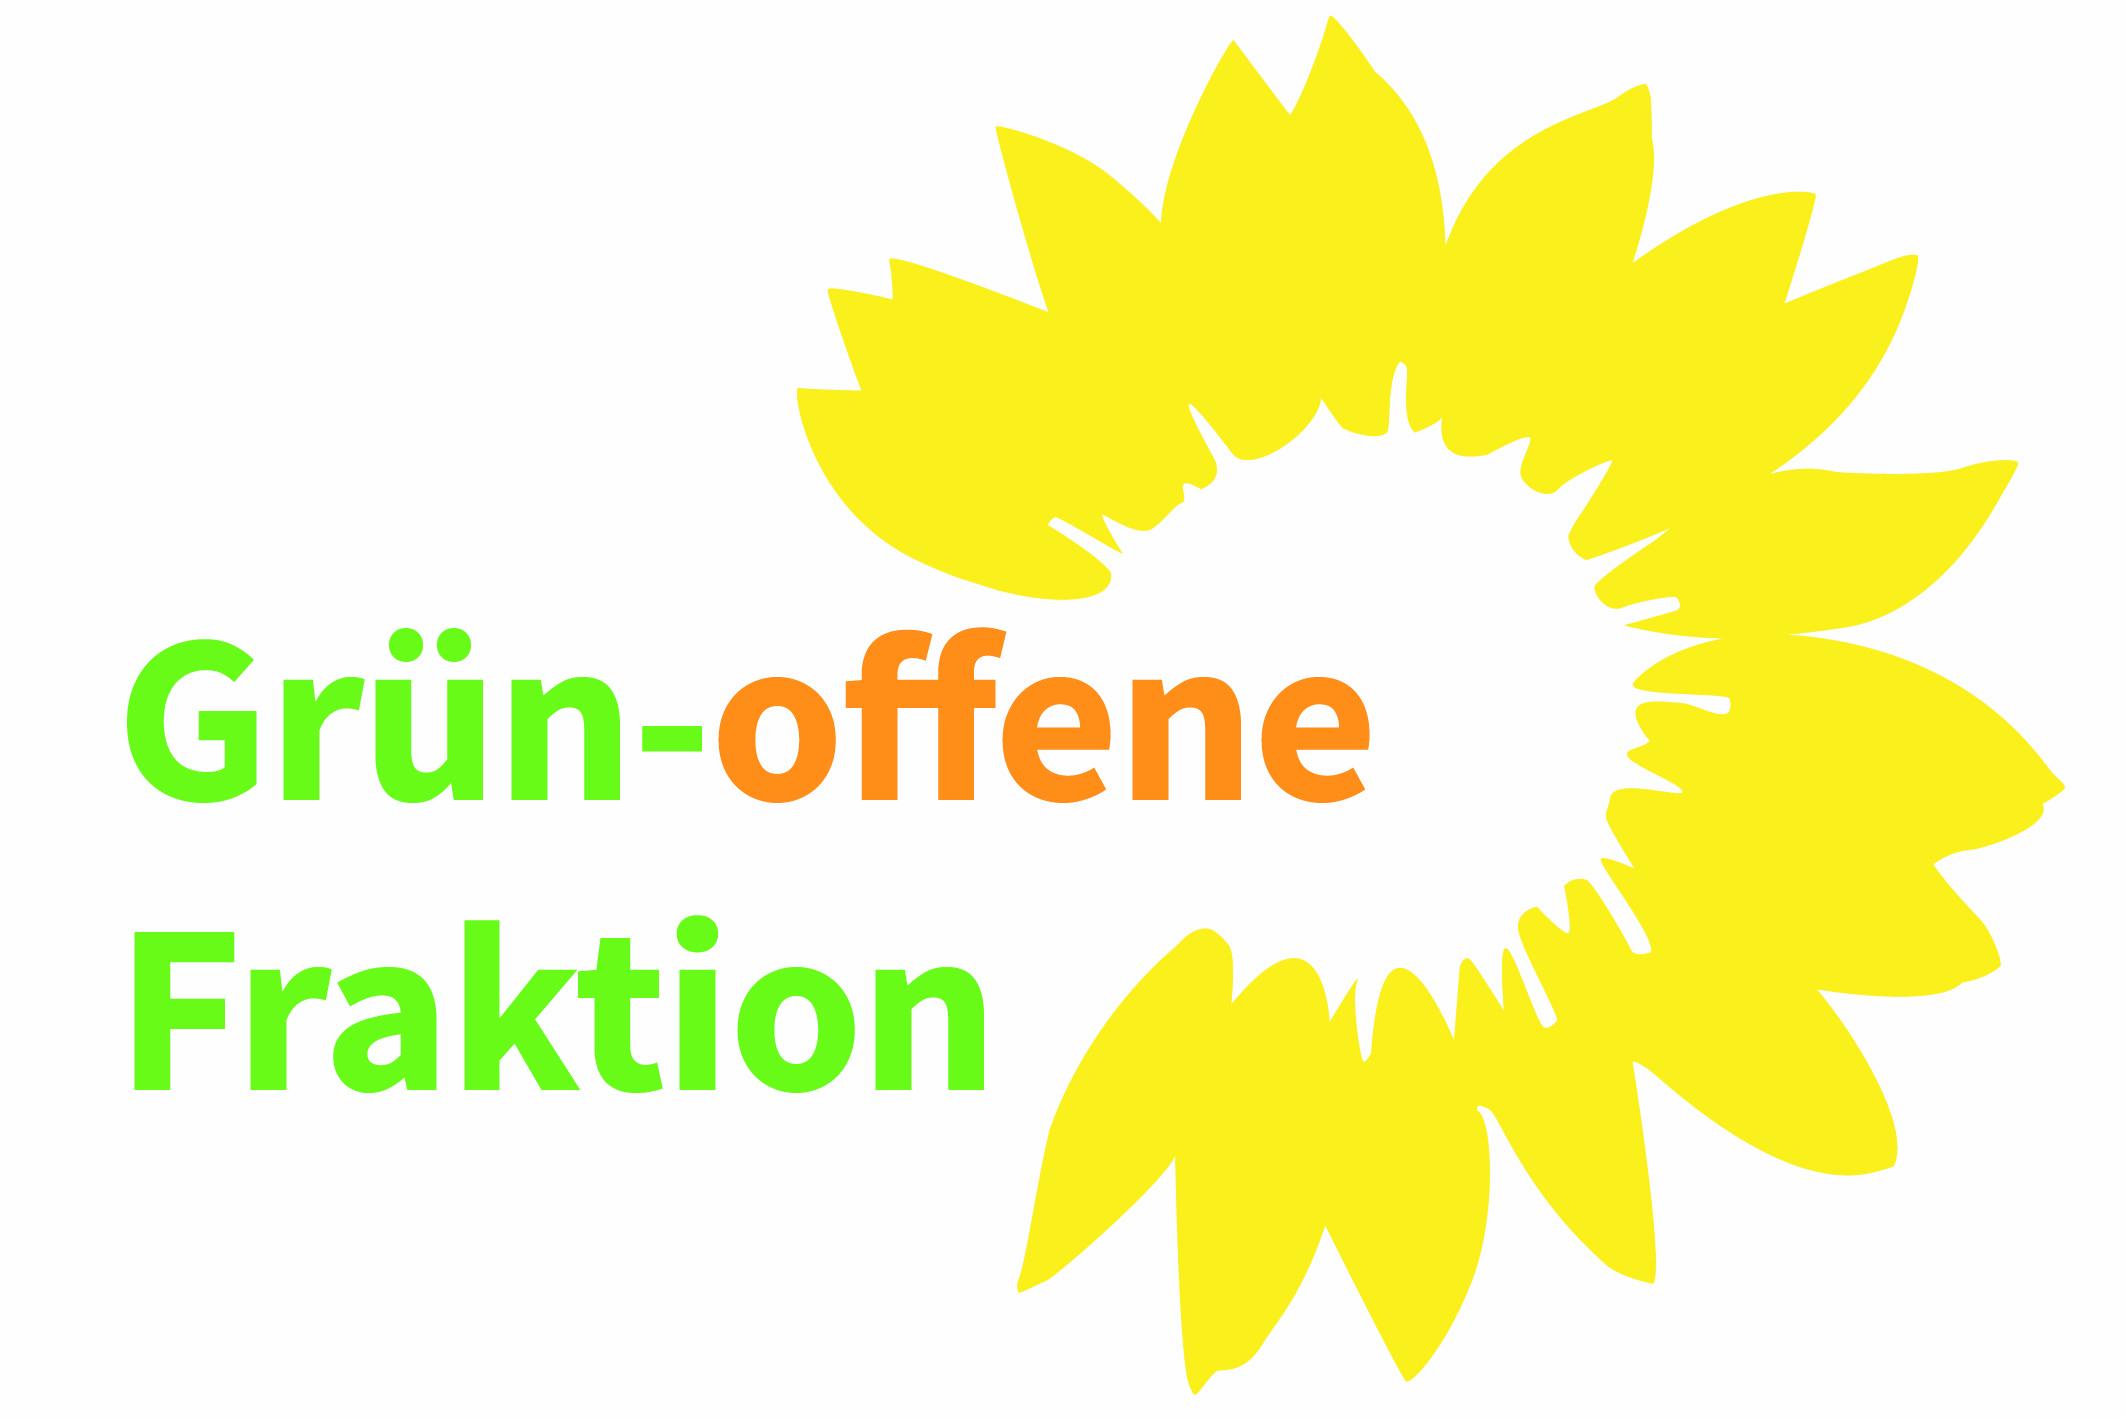 Grün-offene Fraktion in Bochum-Mitte